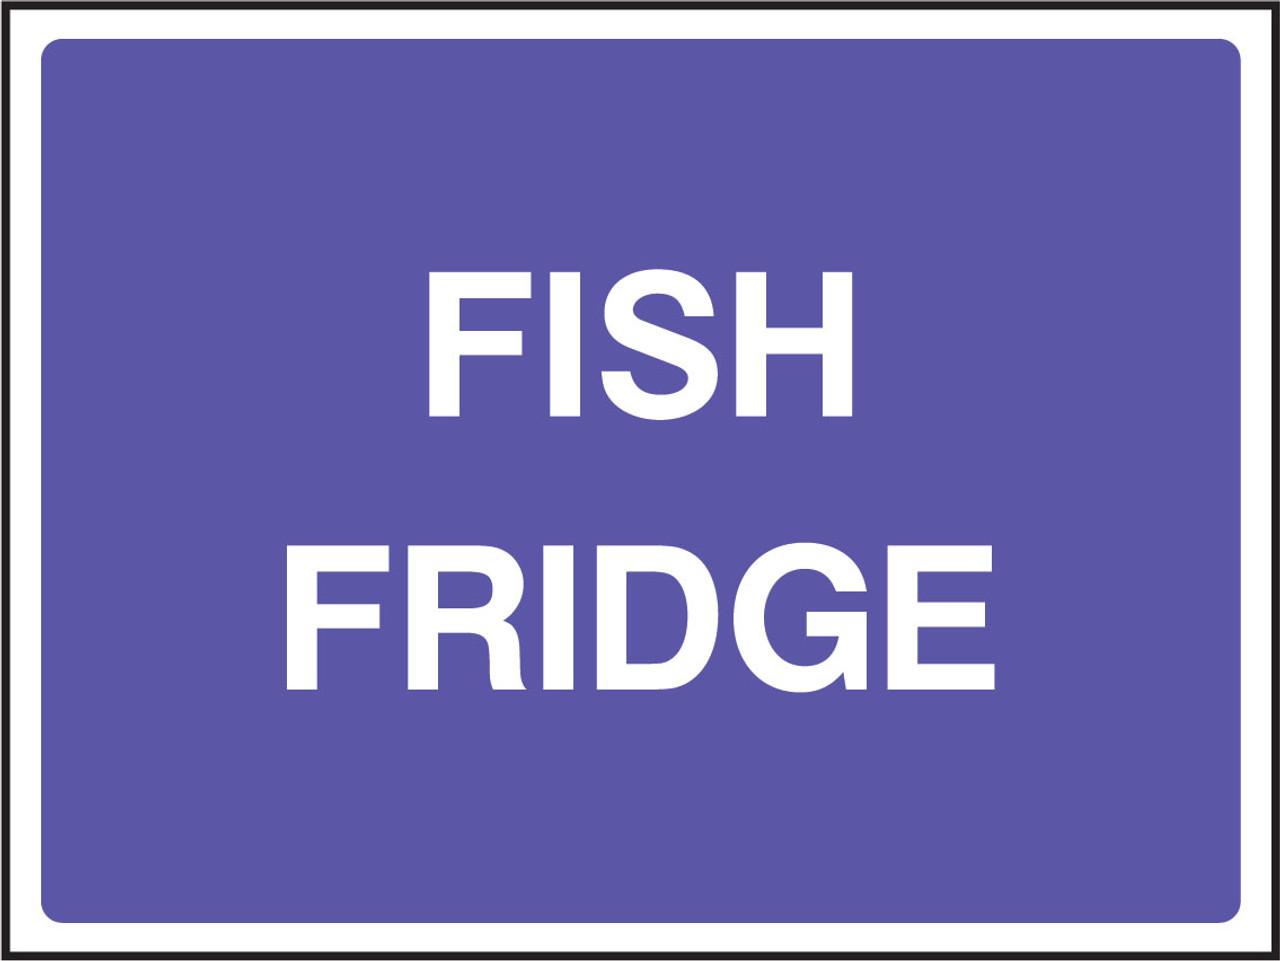 Fish Fridge catering sign